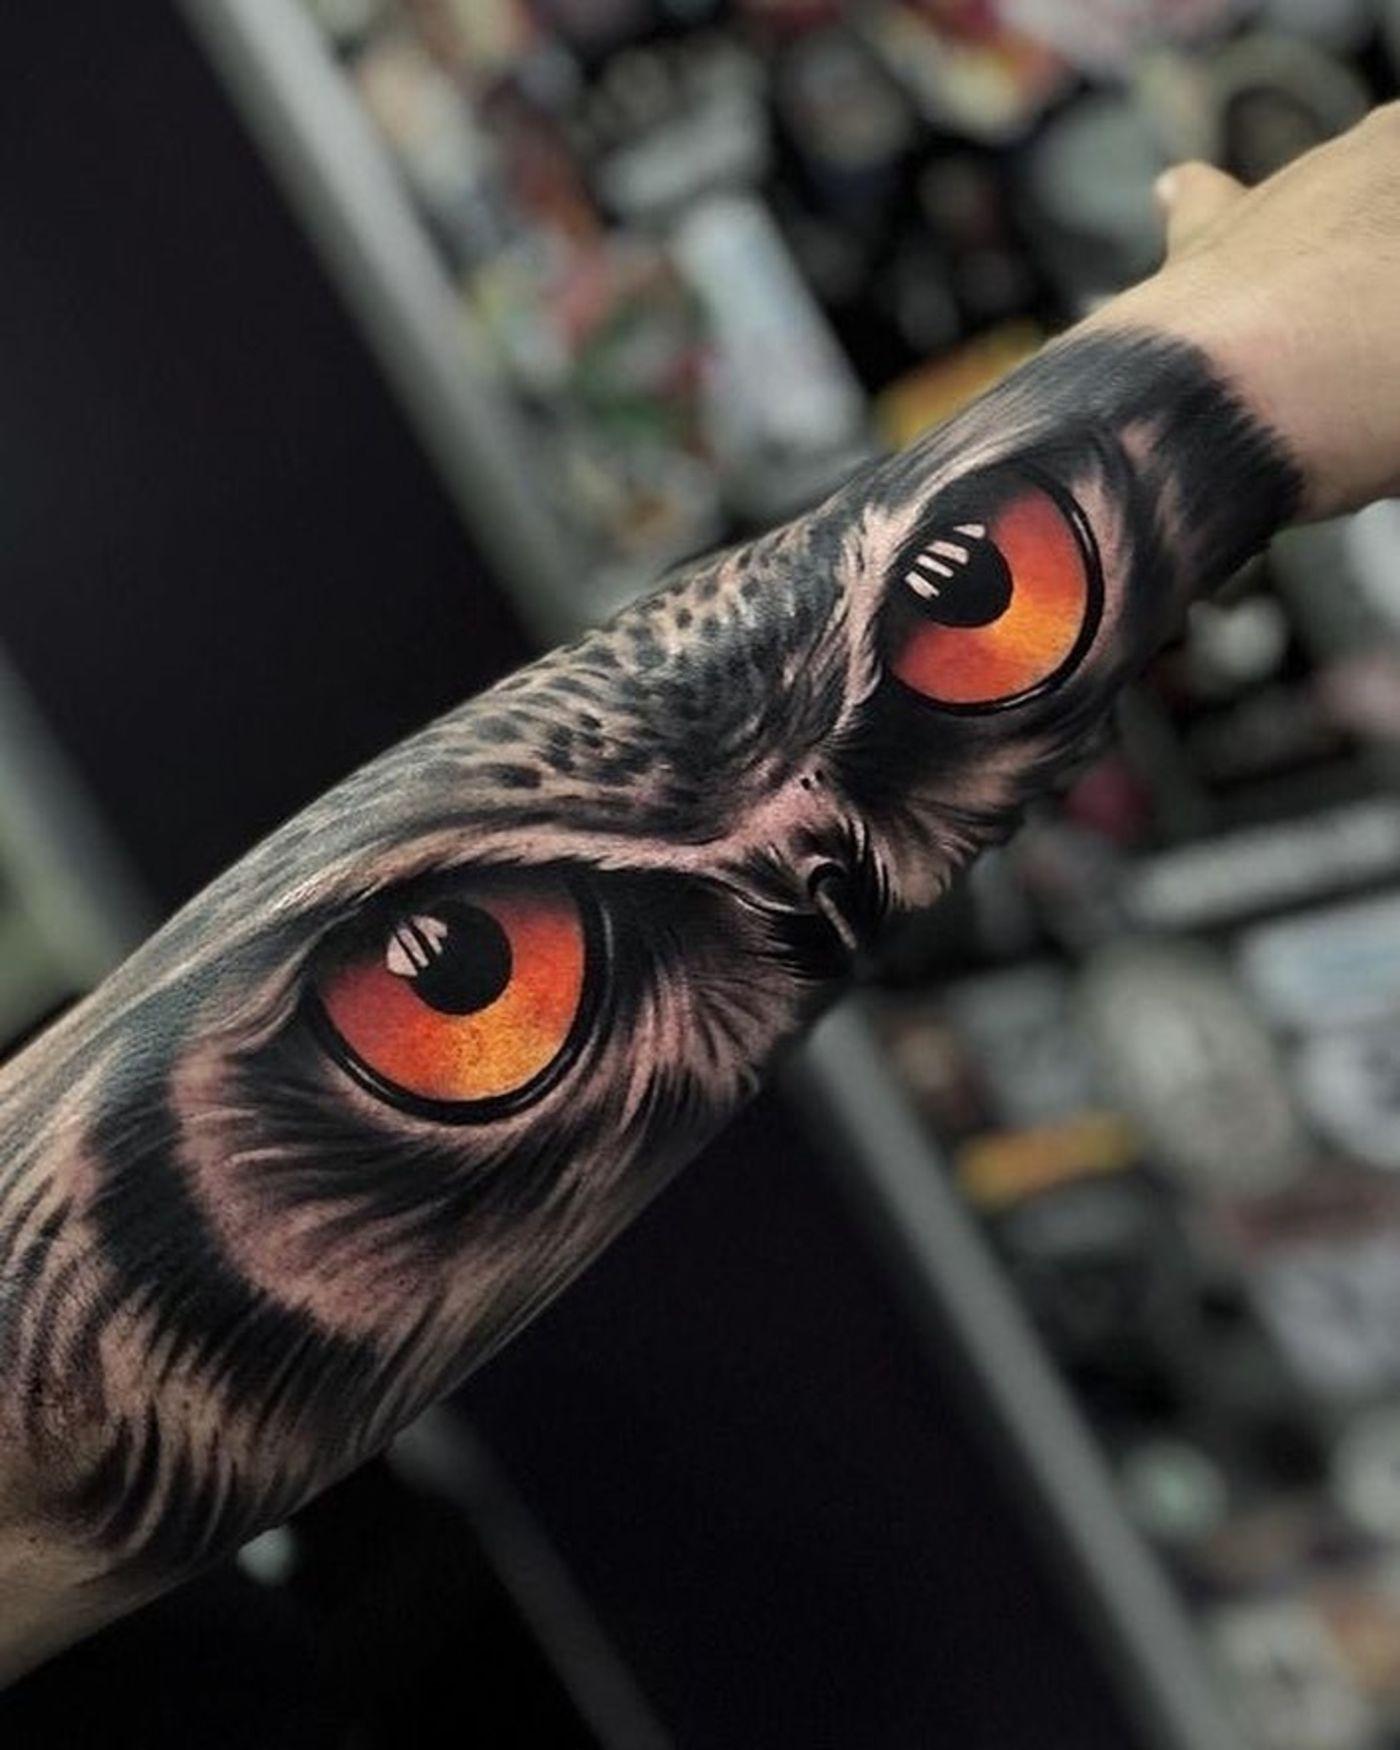 Animal Eyes Tattoo : animal, tattoo, Tattoo., Tattoo,, Tiger, Tattoo